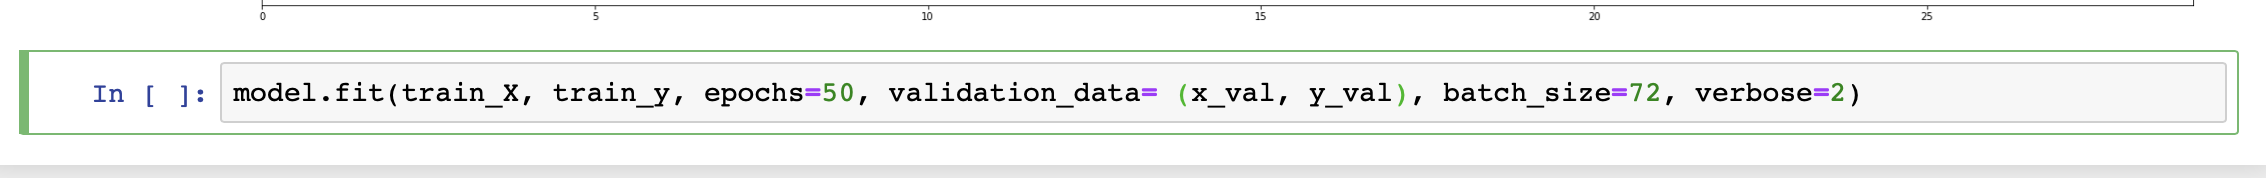 validation_data in model.fit(keras)